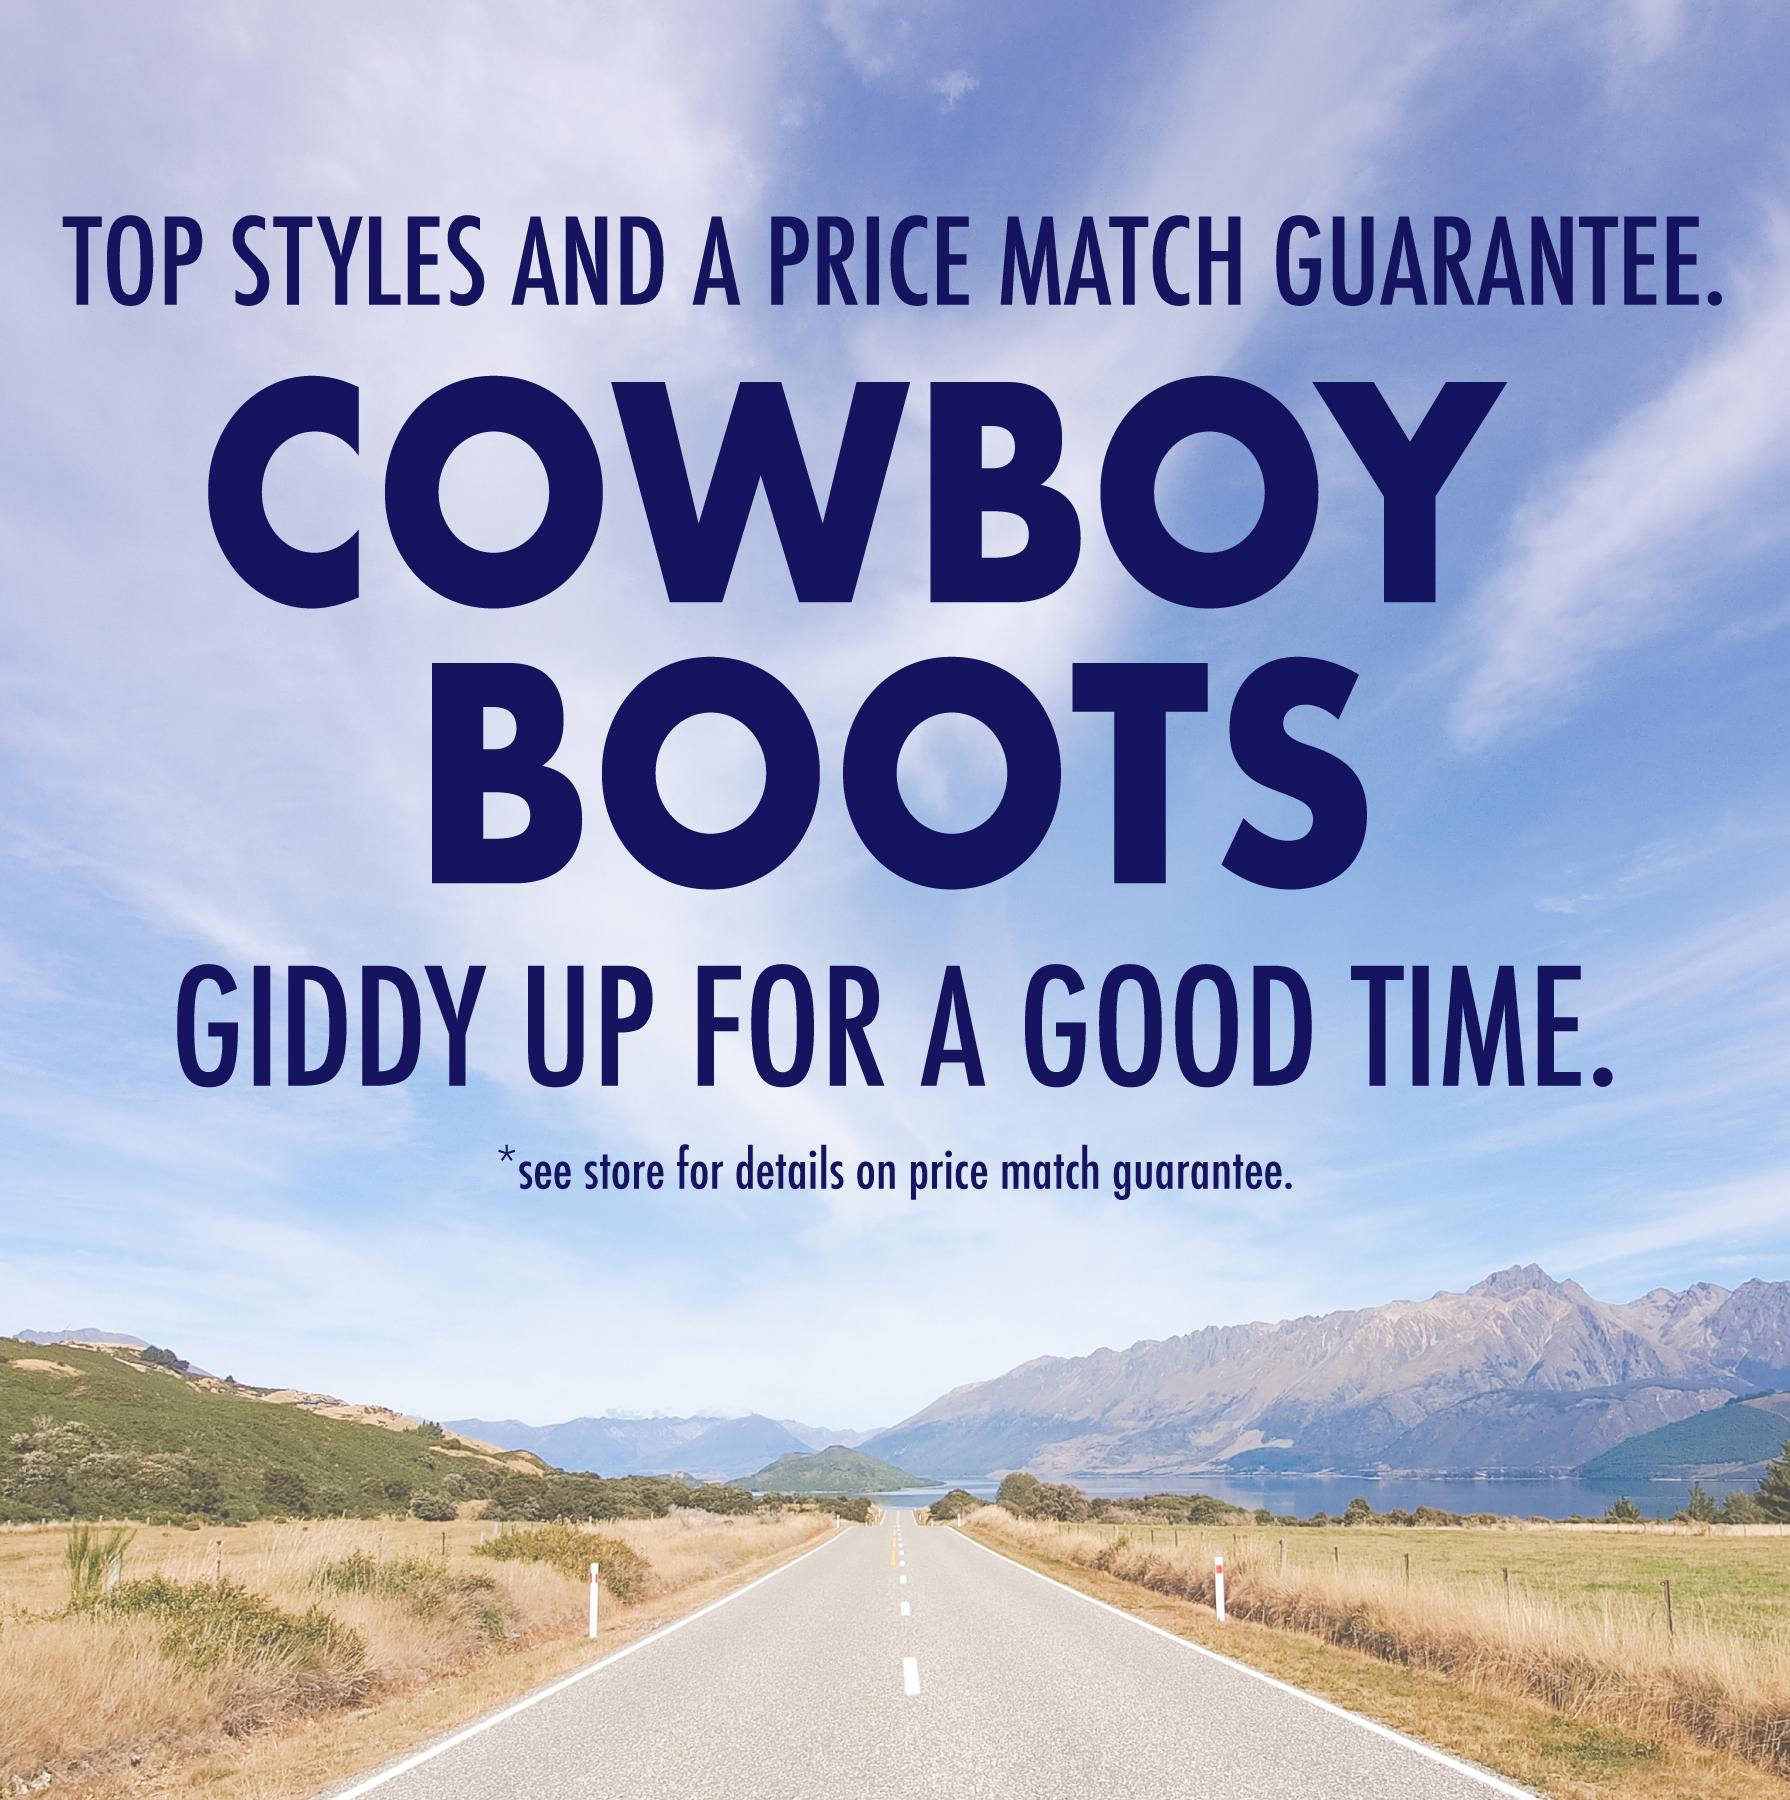 cowboy-boots-banner-050918.jpg